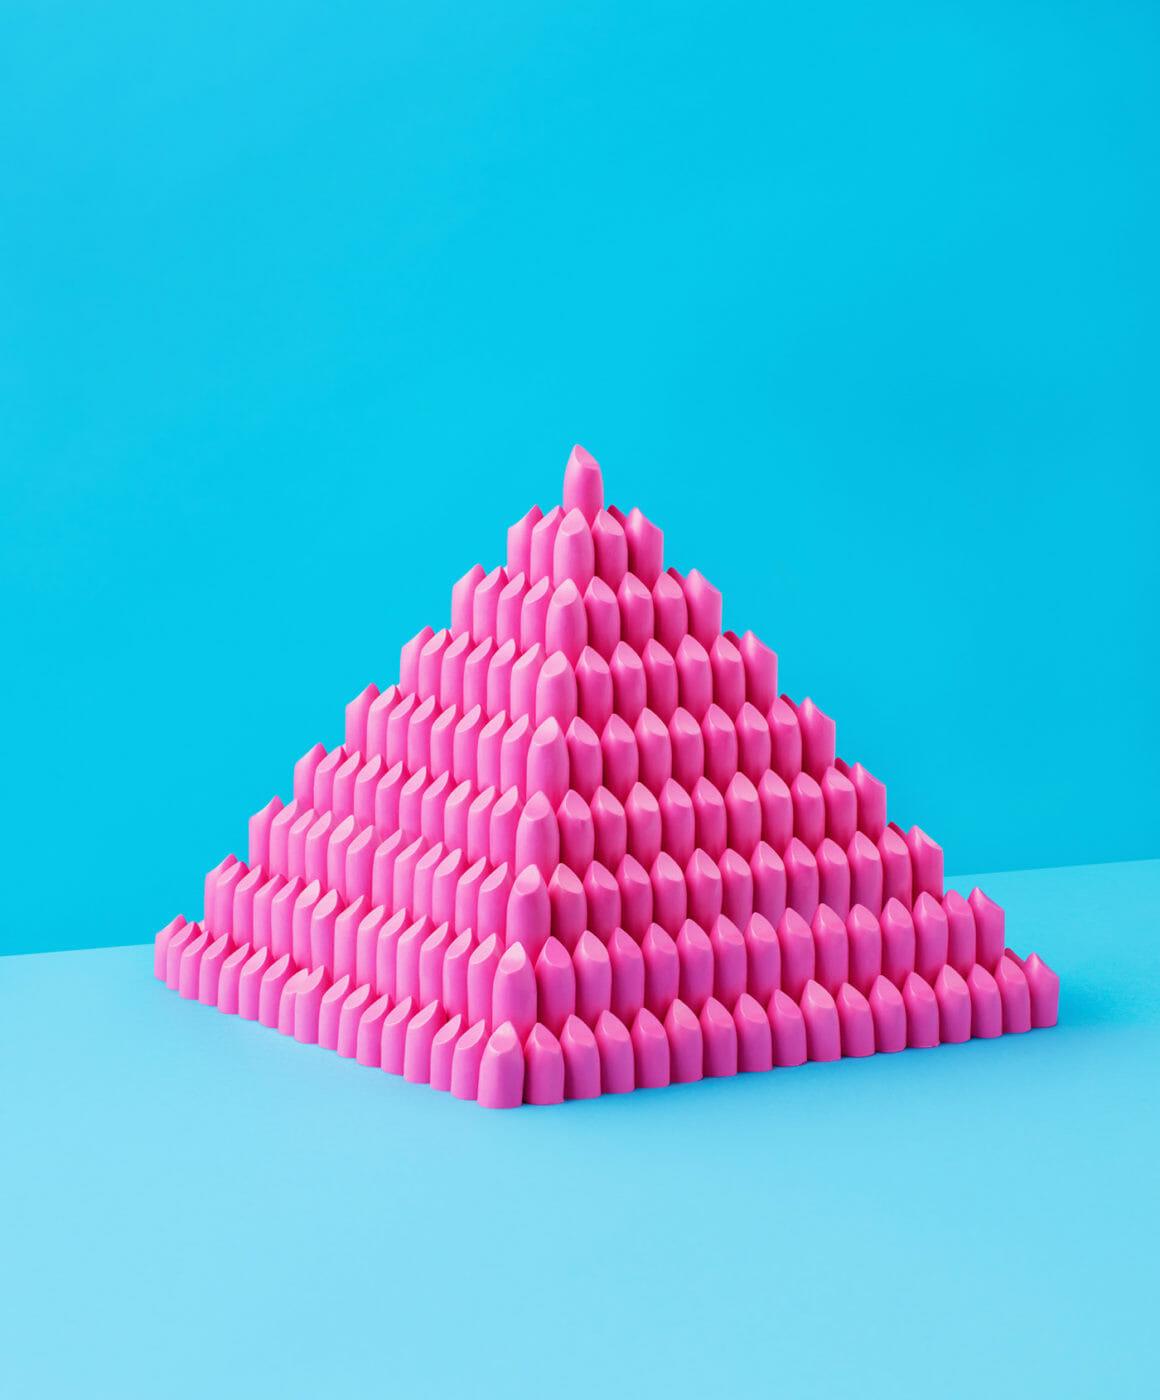 Une pyramide de rouge à lèvre rose sur fond bleu.